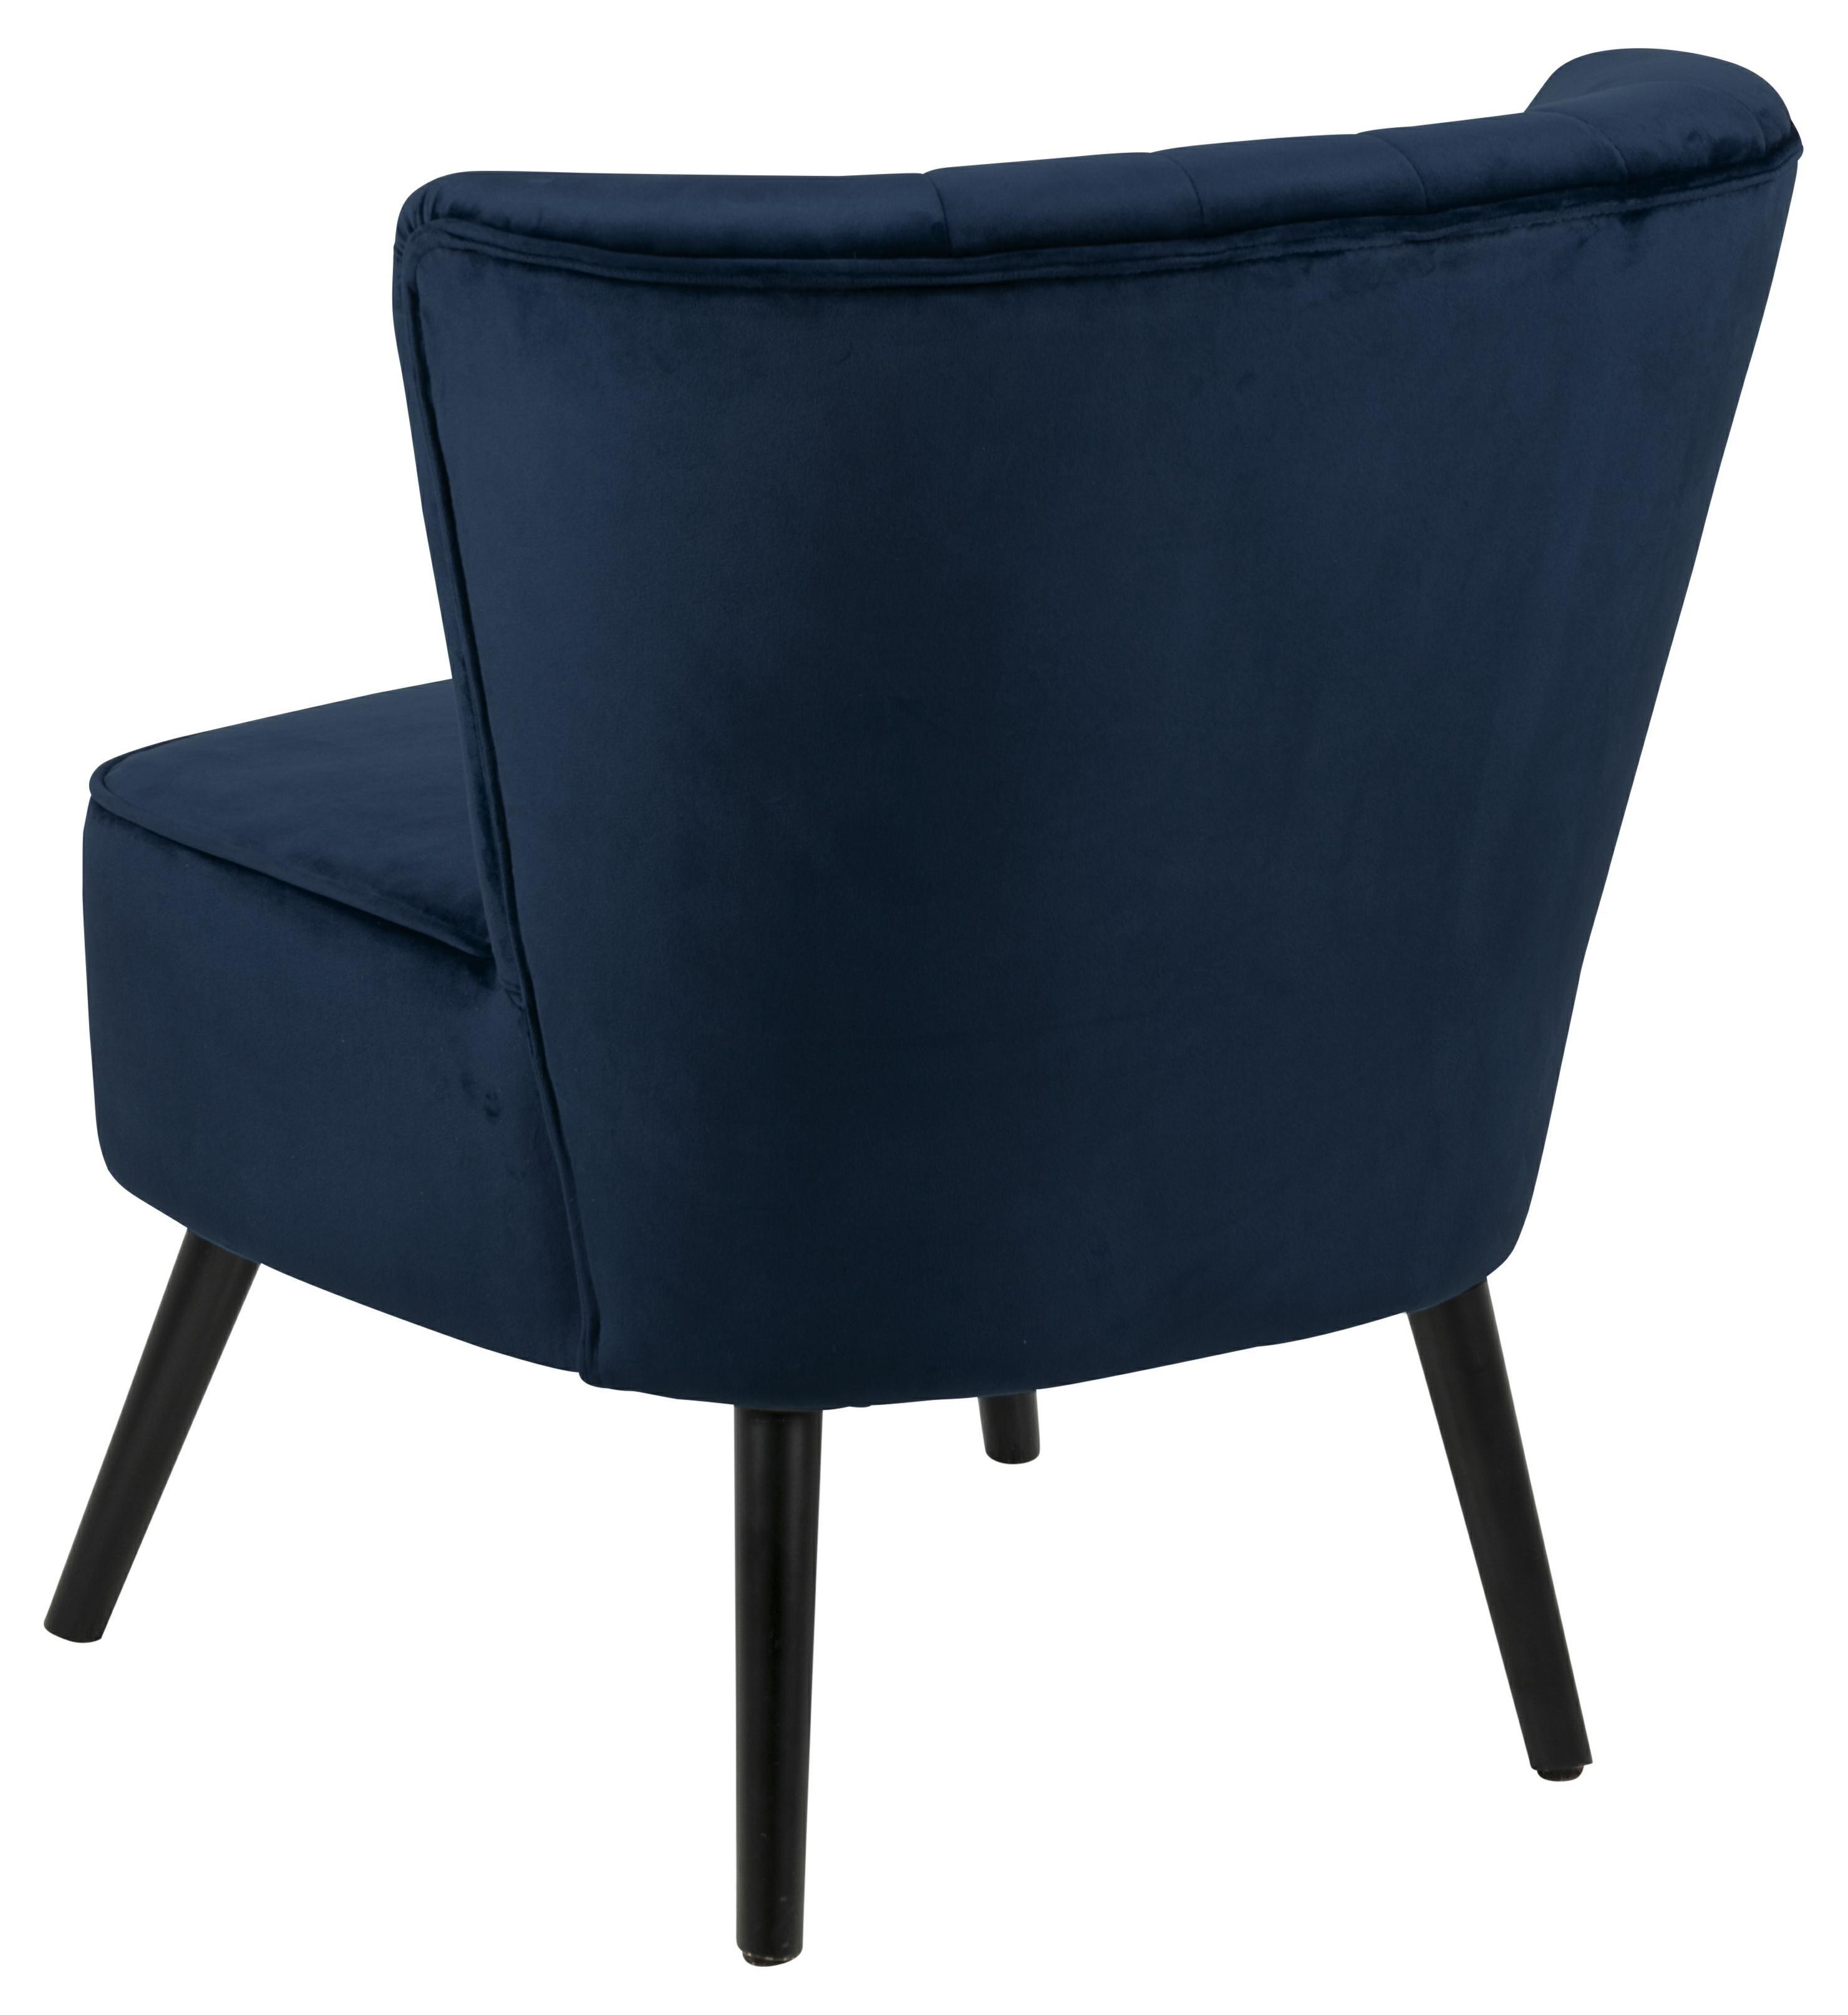 Fotel Lark VIC ciemny niebieski - zdjęcie nr 2